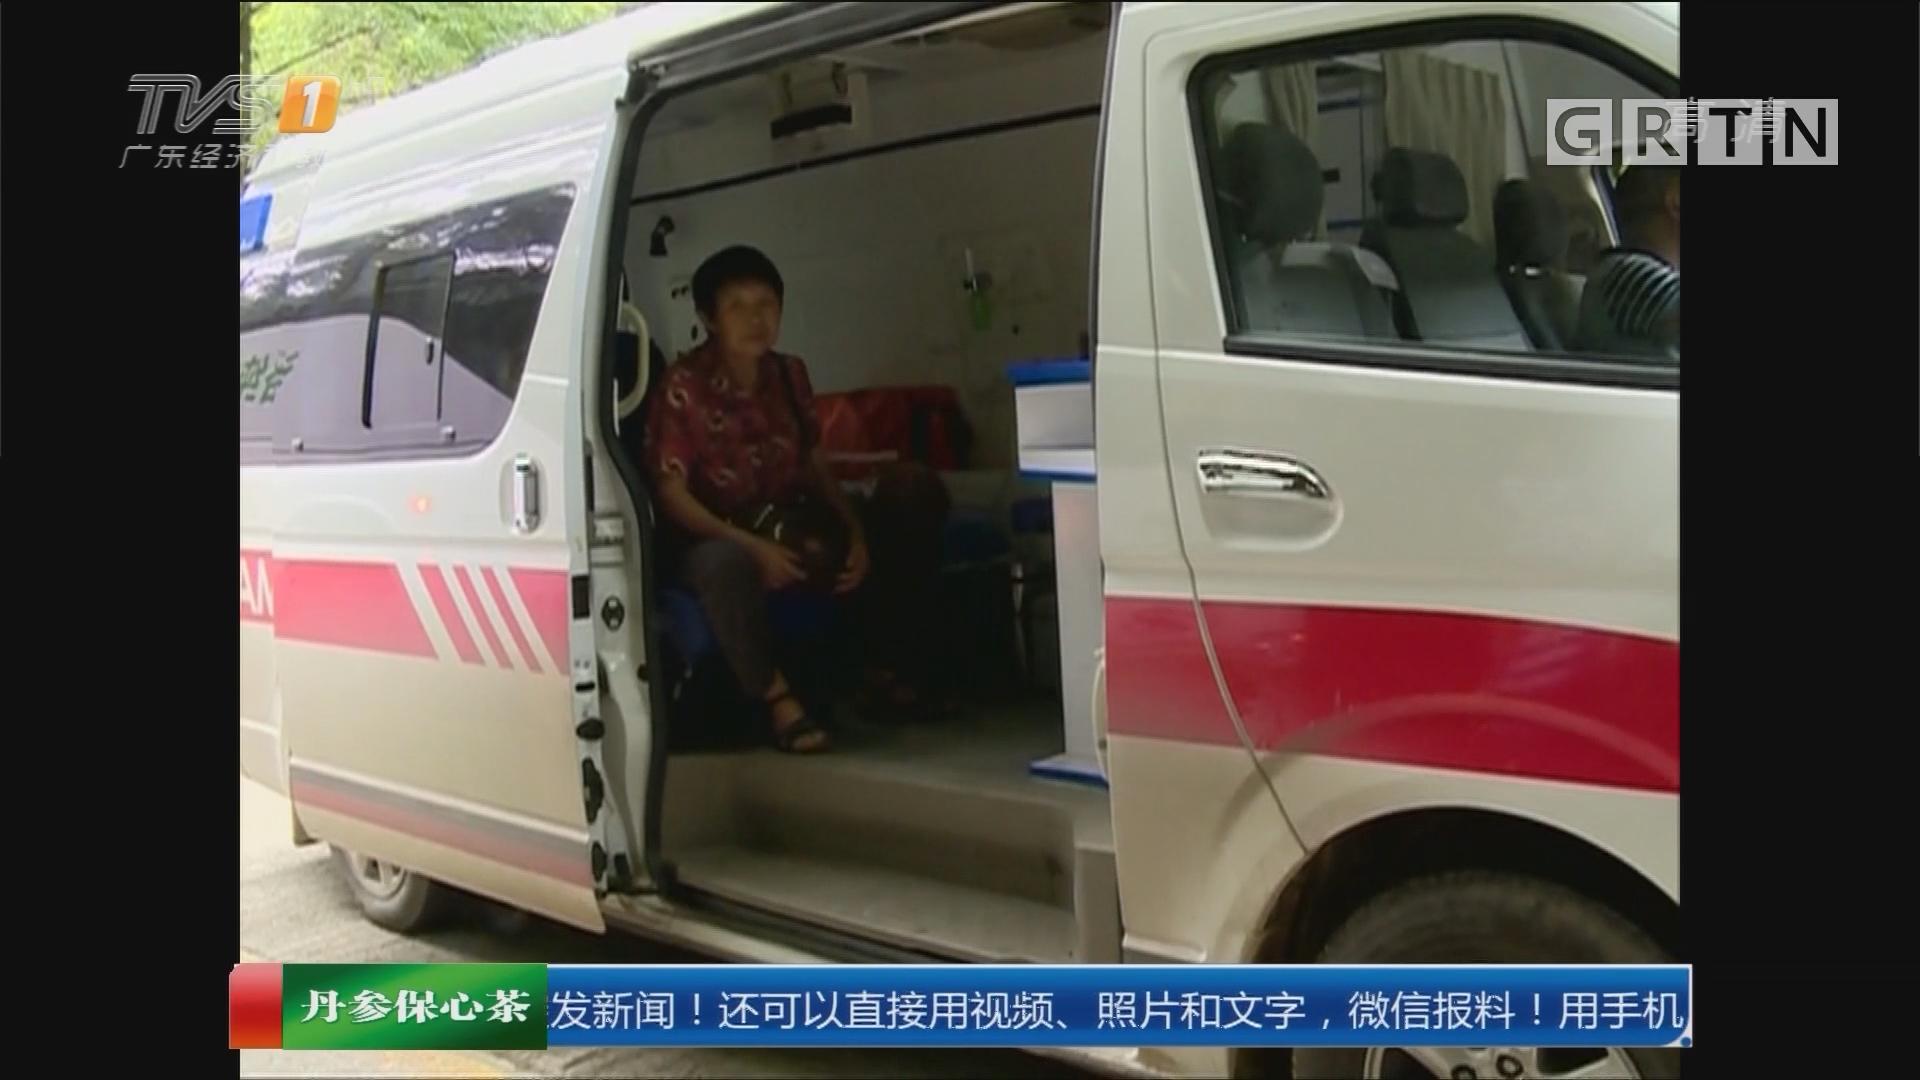 """系列专栏""""温度"""":梅州 众人为救护车""""抬出""""生命通道"""